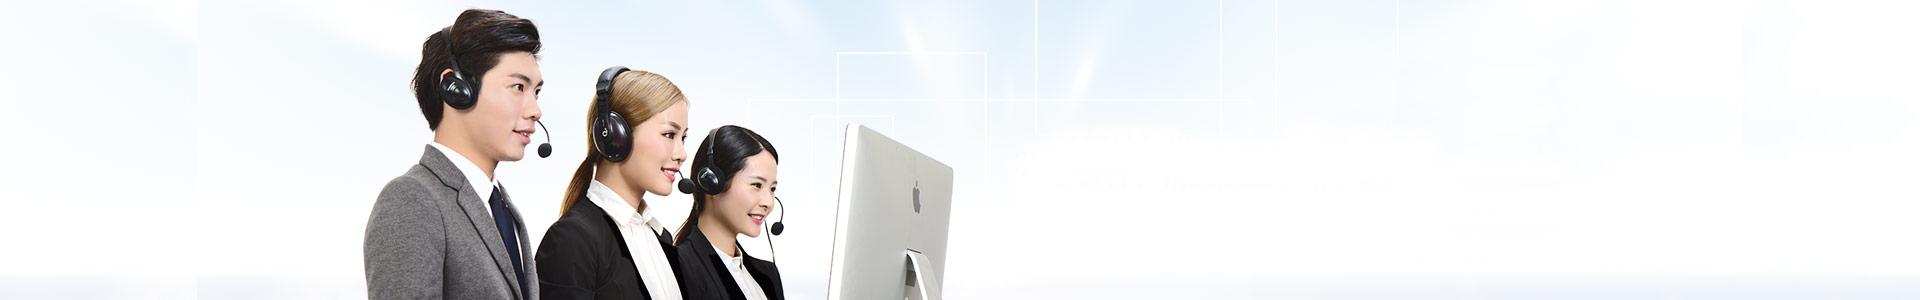 江蘇向日葵污app軸承瓦軸江蘇總代理無錫銷售公司